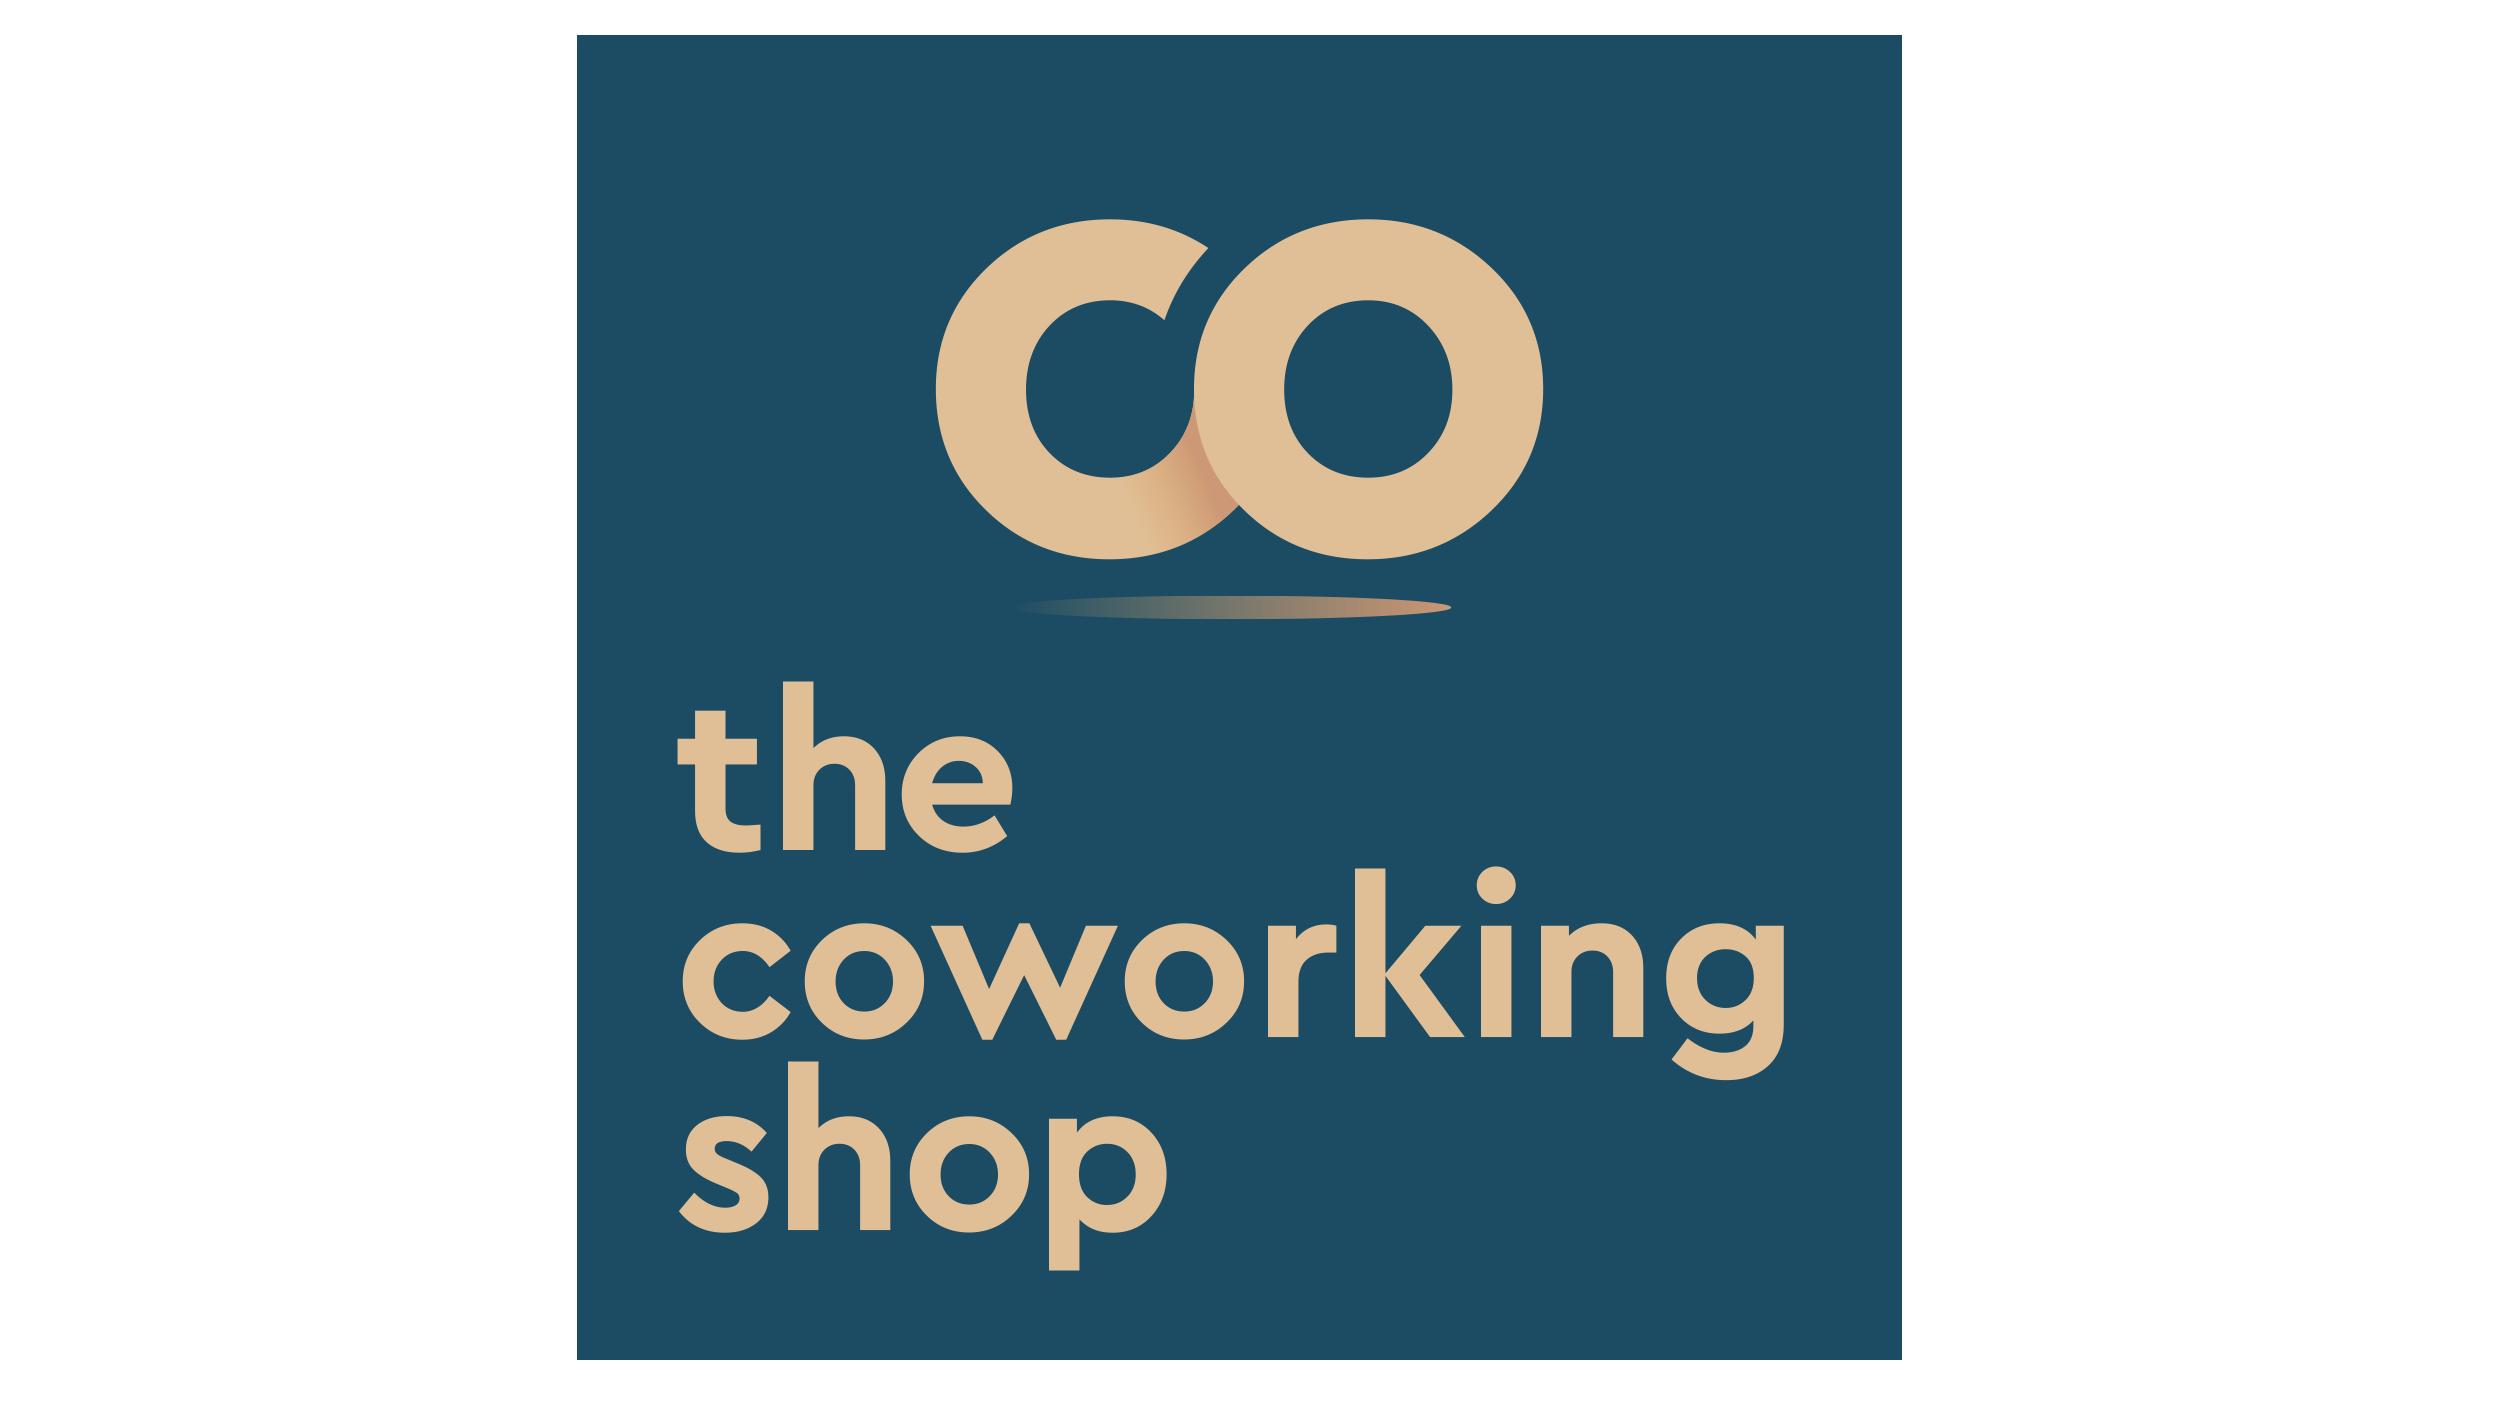 katelynbishop_design_coworkingshop_logo2